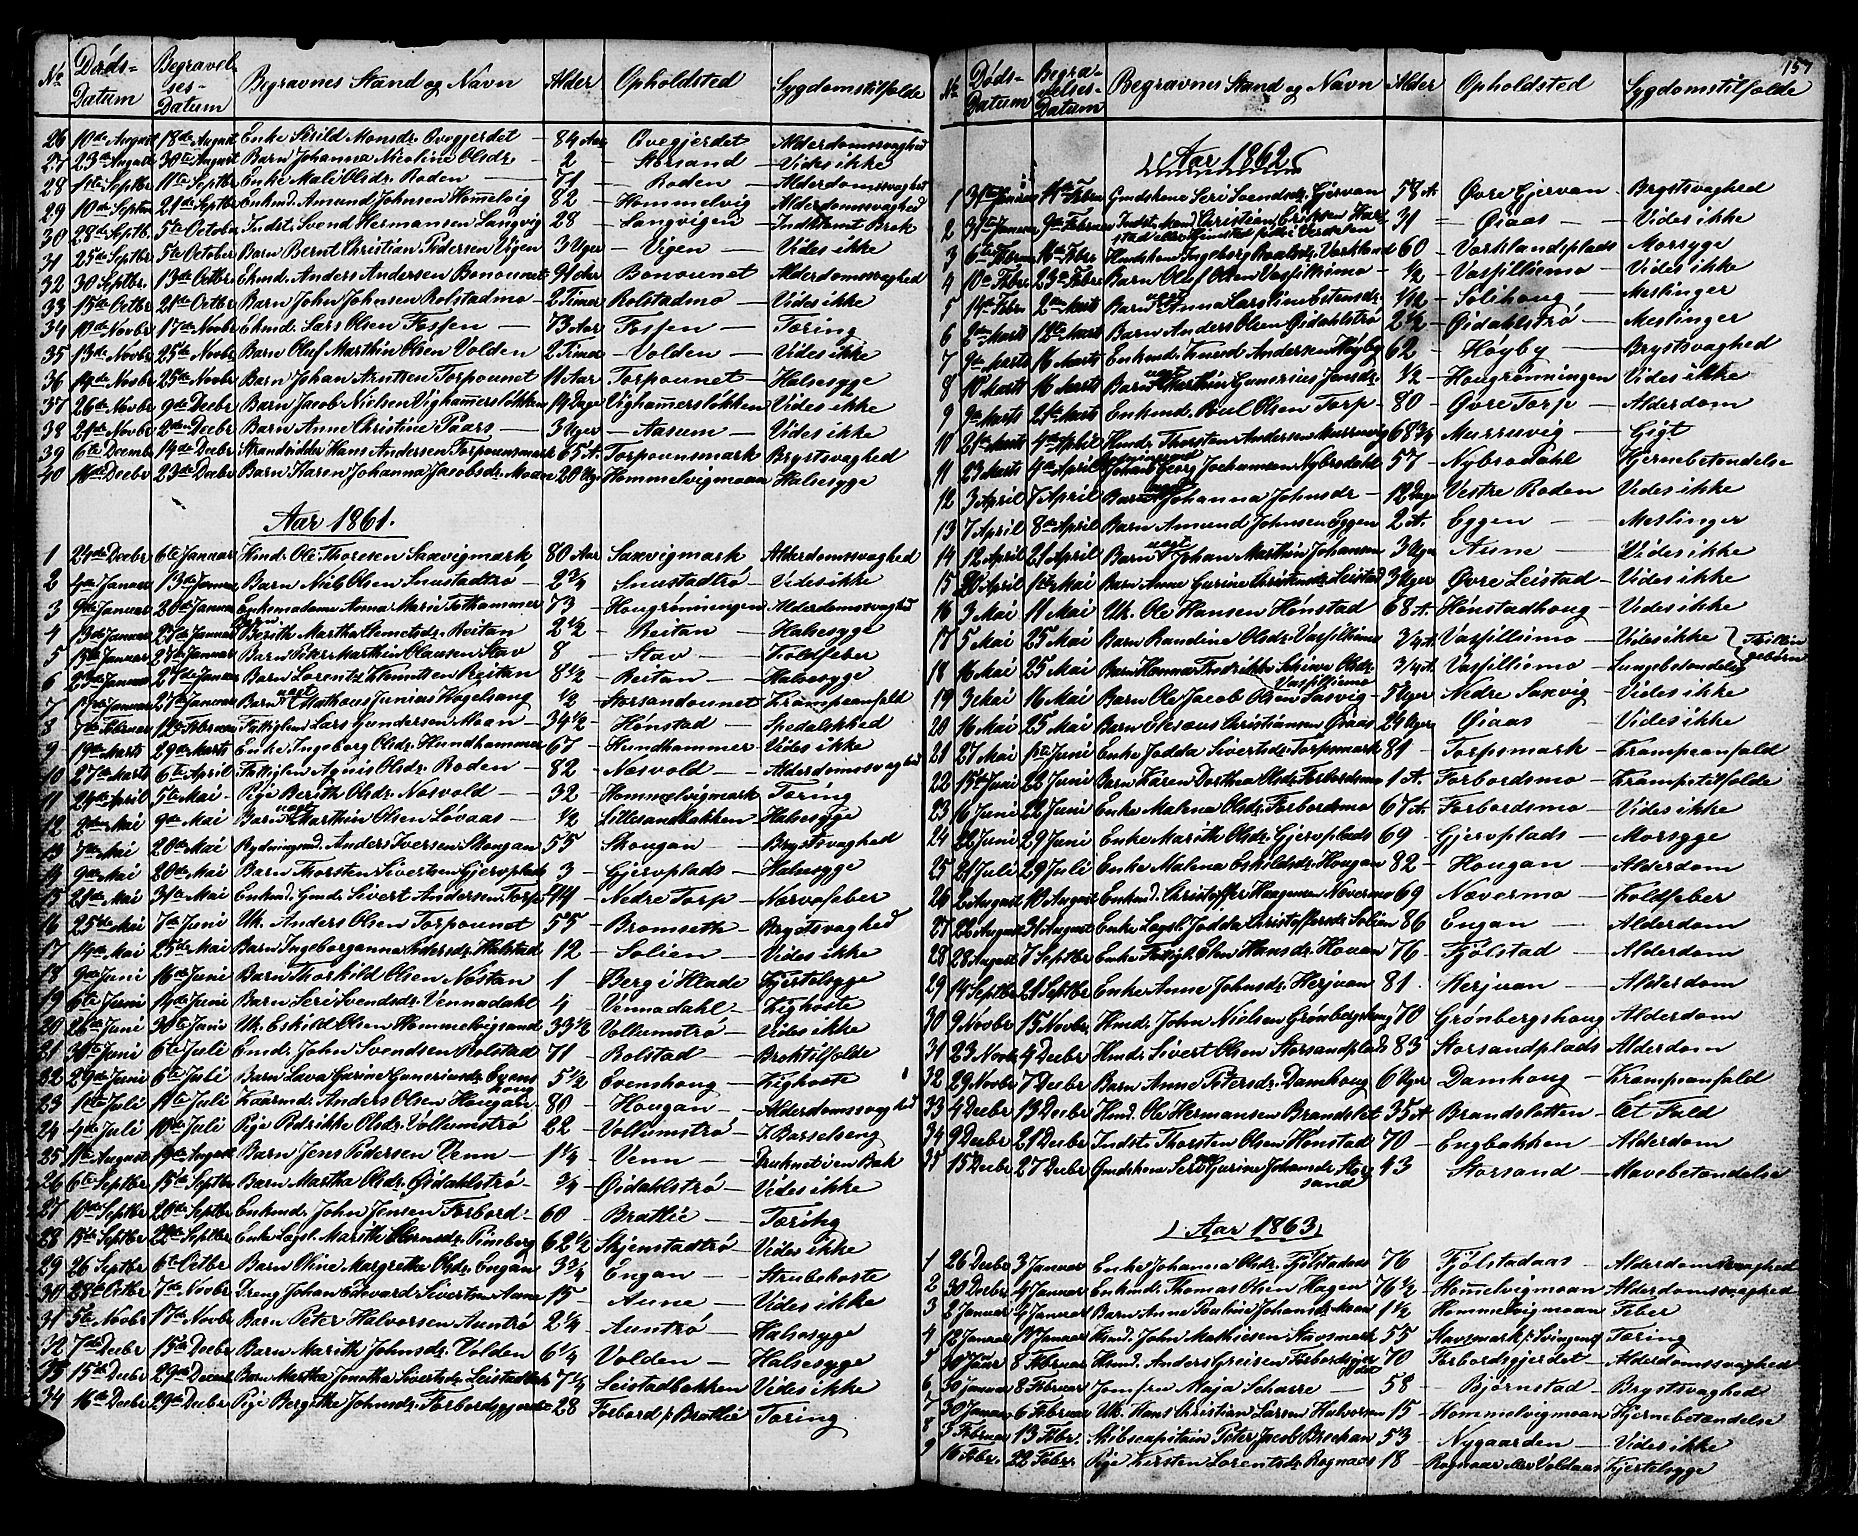 SAT, Ministerialprotokoller, klokkerbøker og fødselsregistre - Sør-Trøndelag, 616/L0422: Klokkerbok nr. 616C05, 1850-1888, s. 157